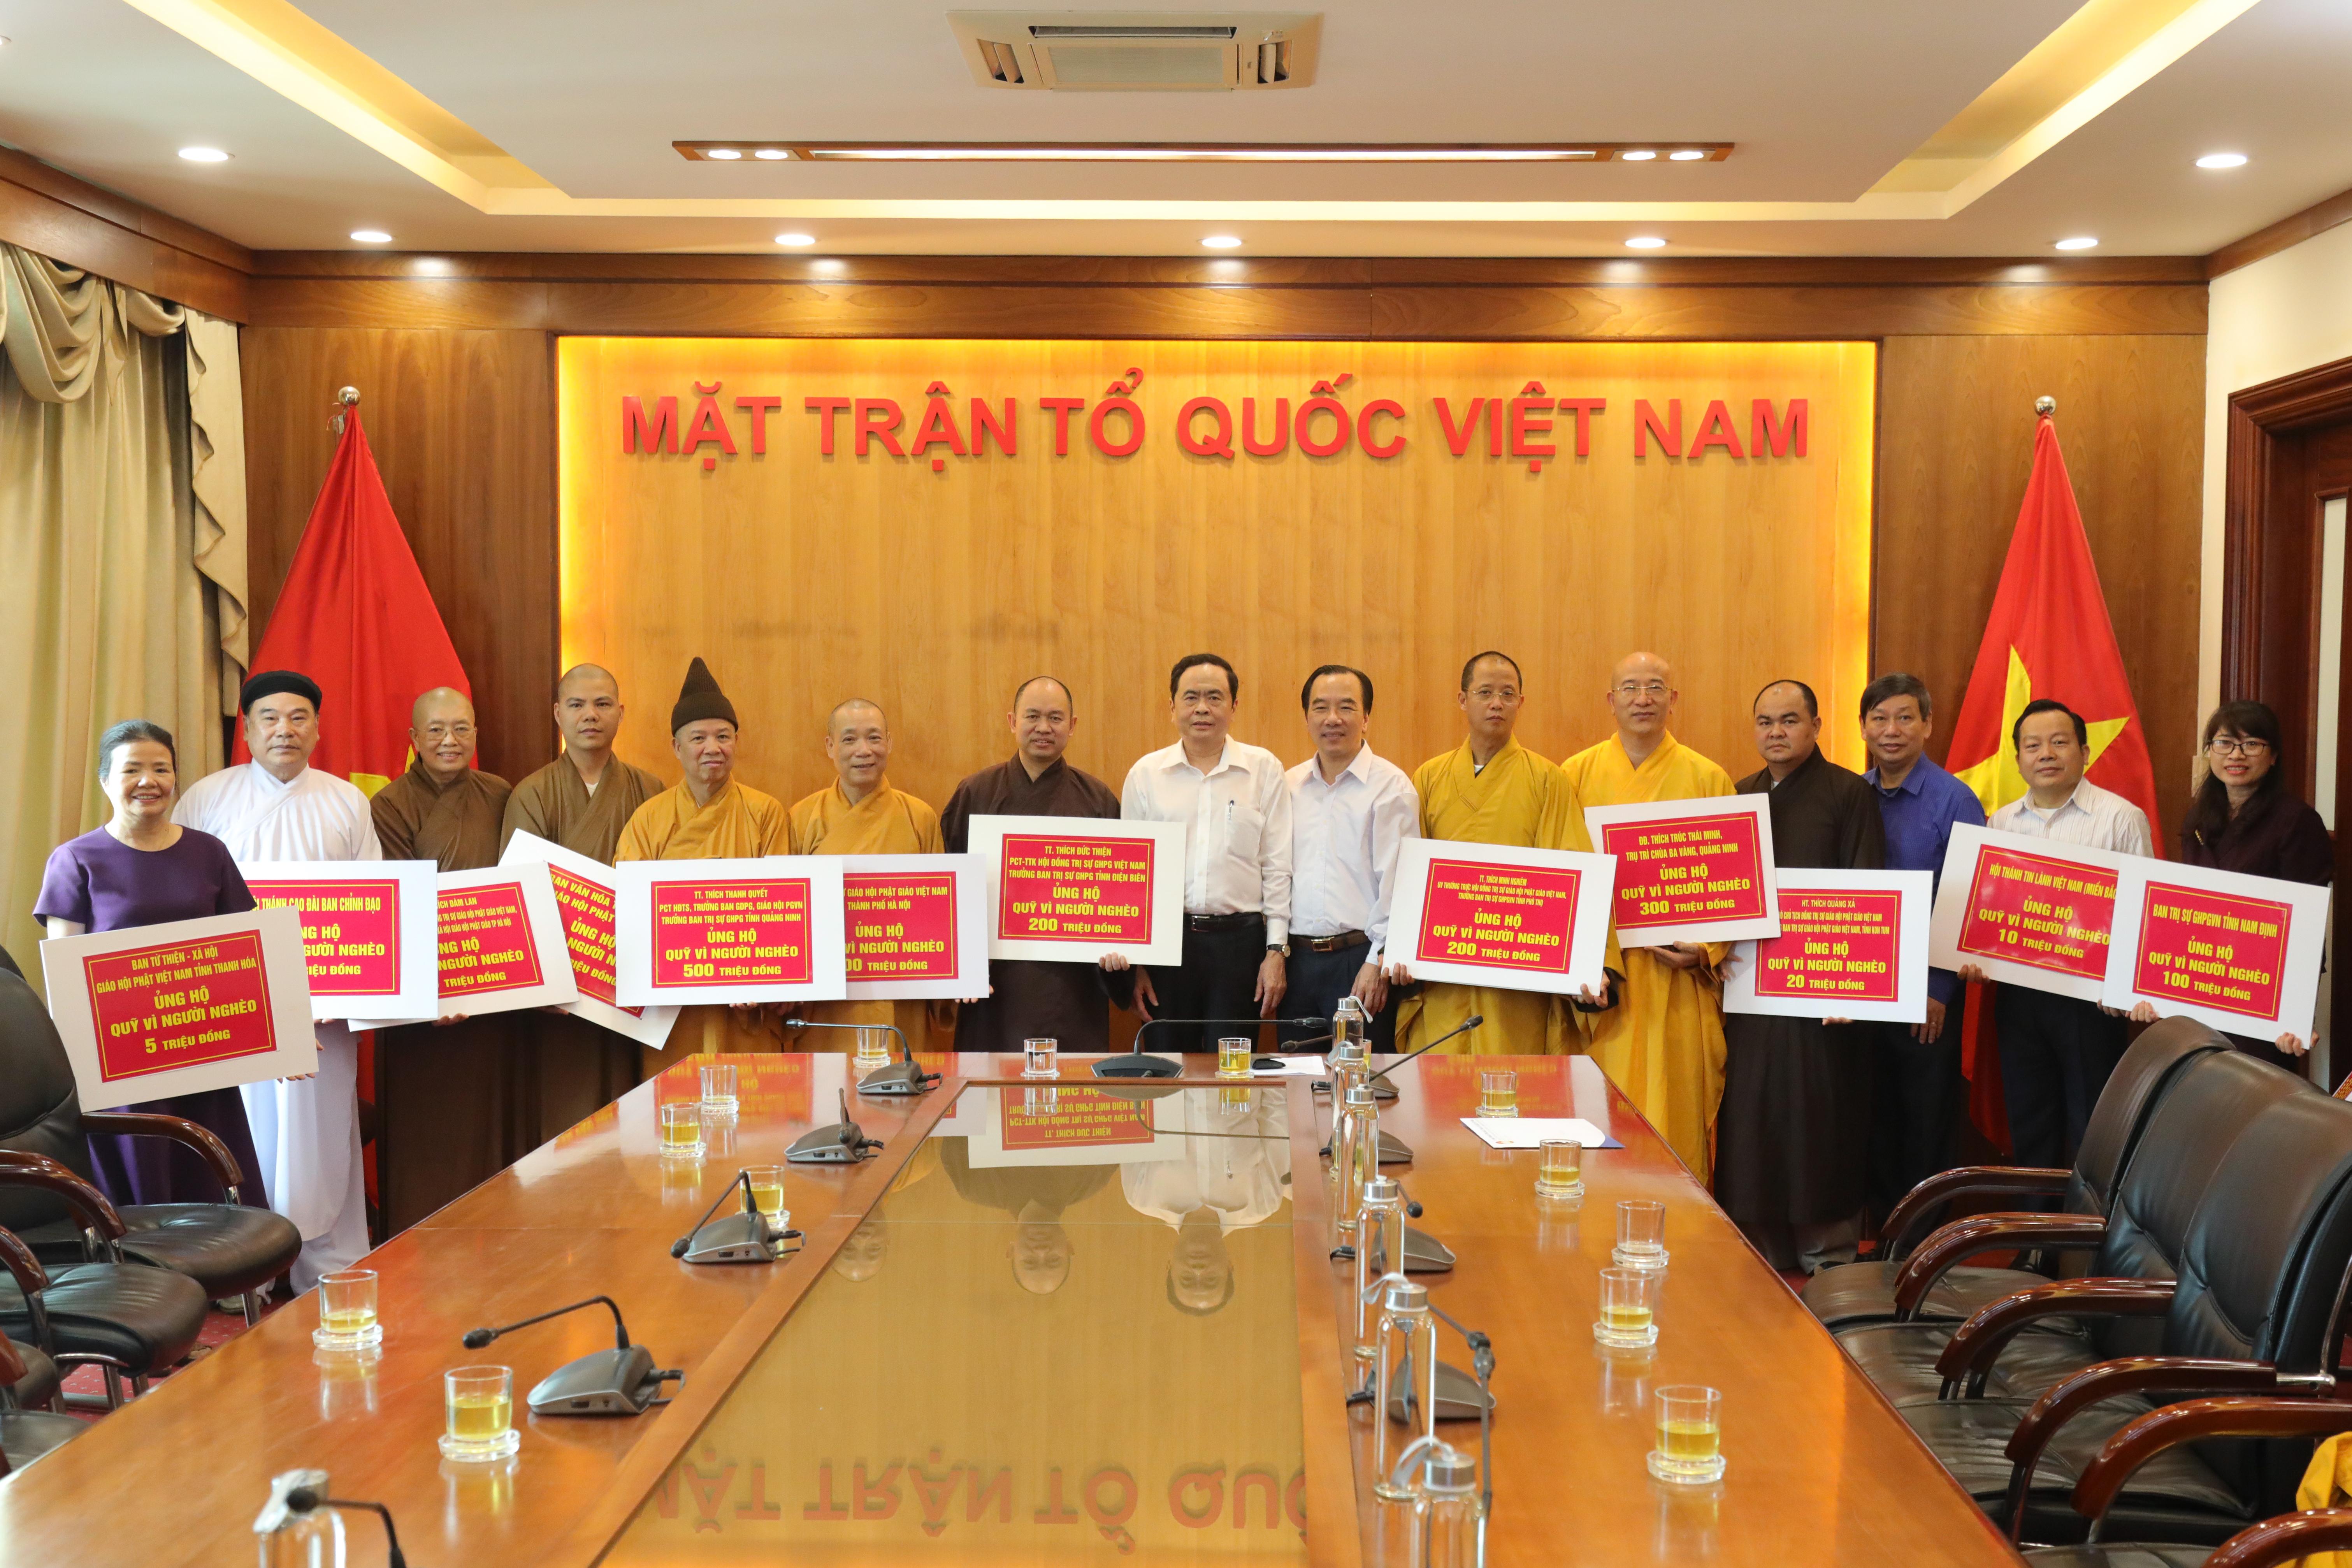 Chủ tịch Trần Thanh Mẫn tiếp nhận ủng hộ từ các cá nhân, tổ chức tôn giáo.